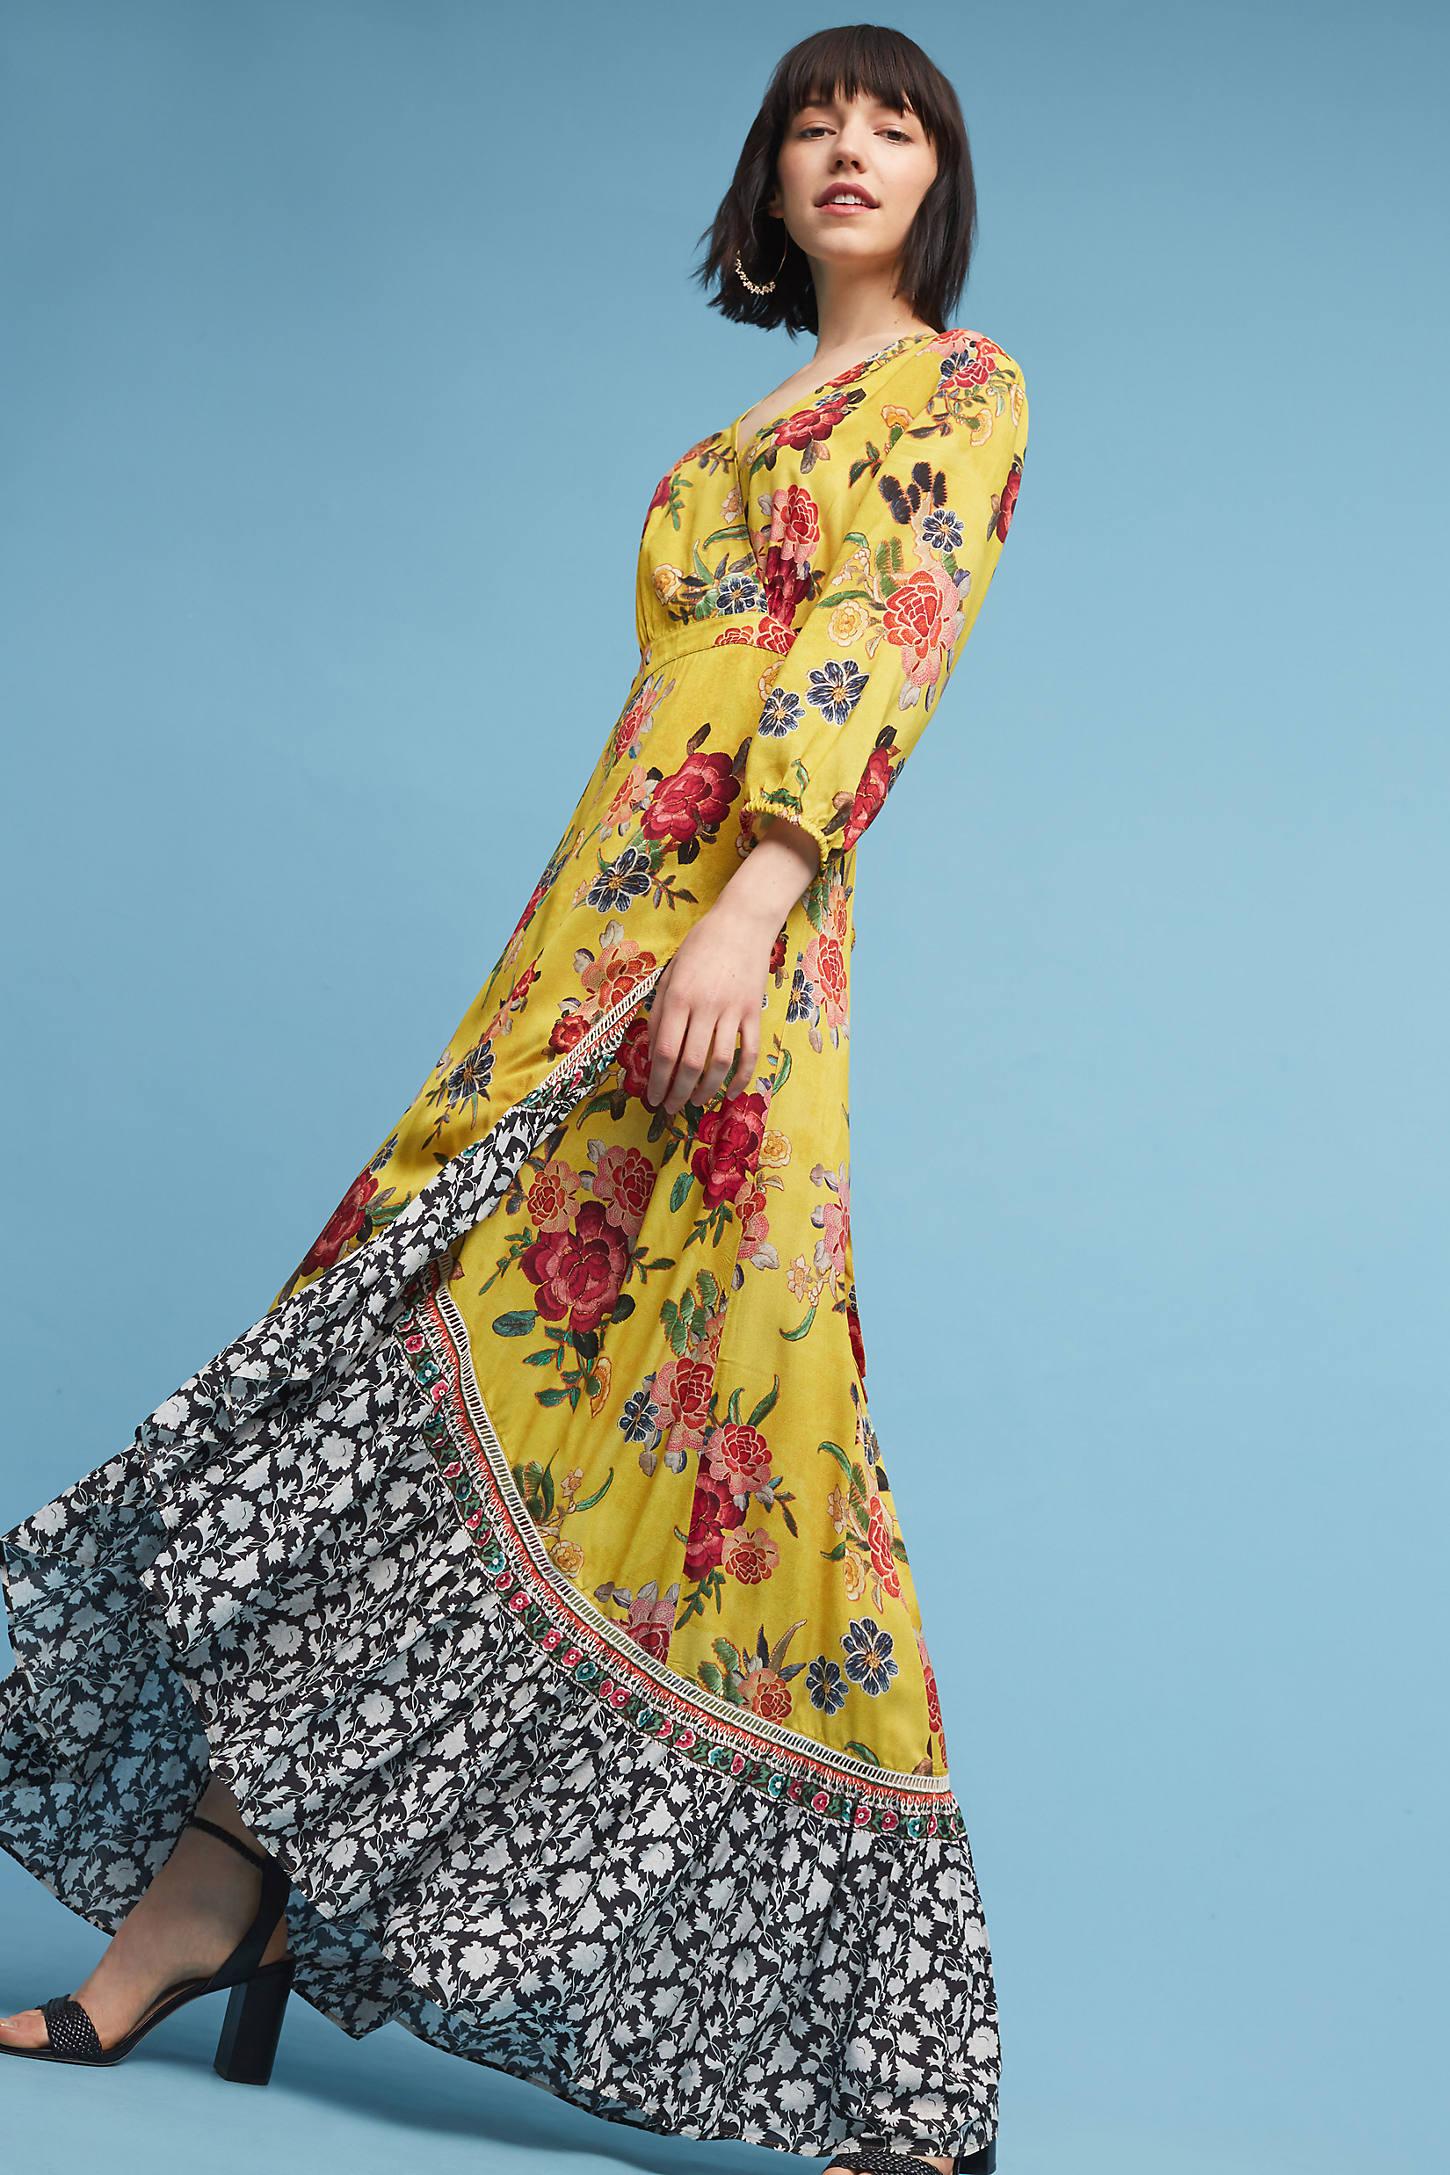 Sunlit Floral Maxi Dress